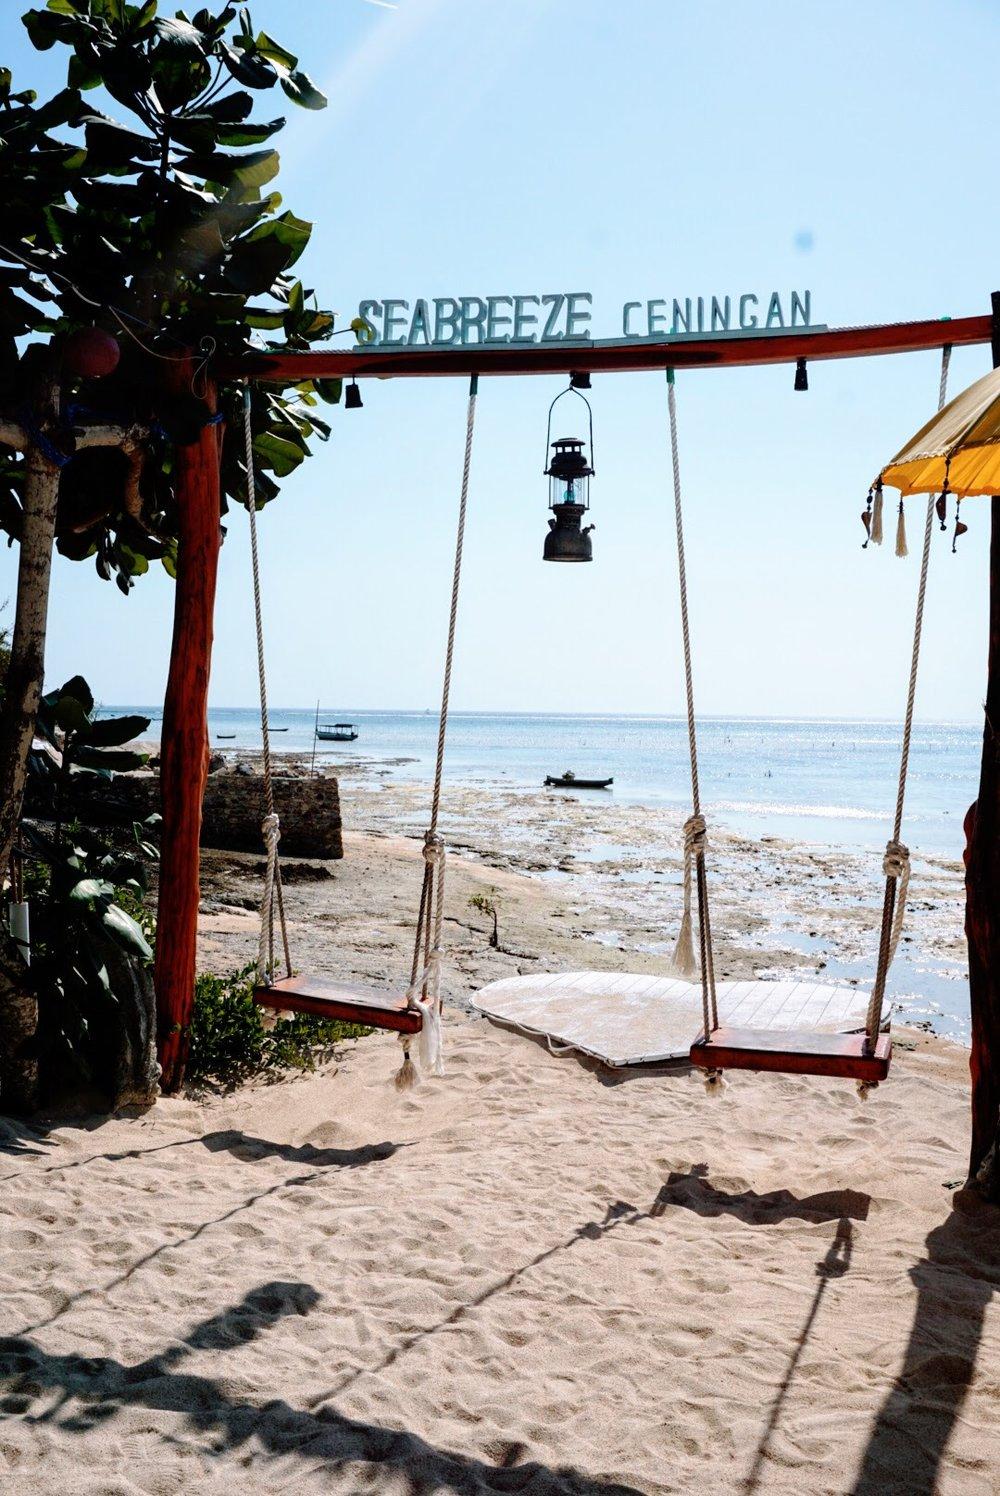 Swings at Seabreeze Ceningan